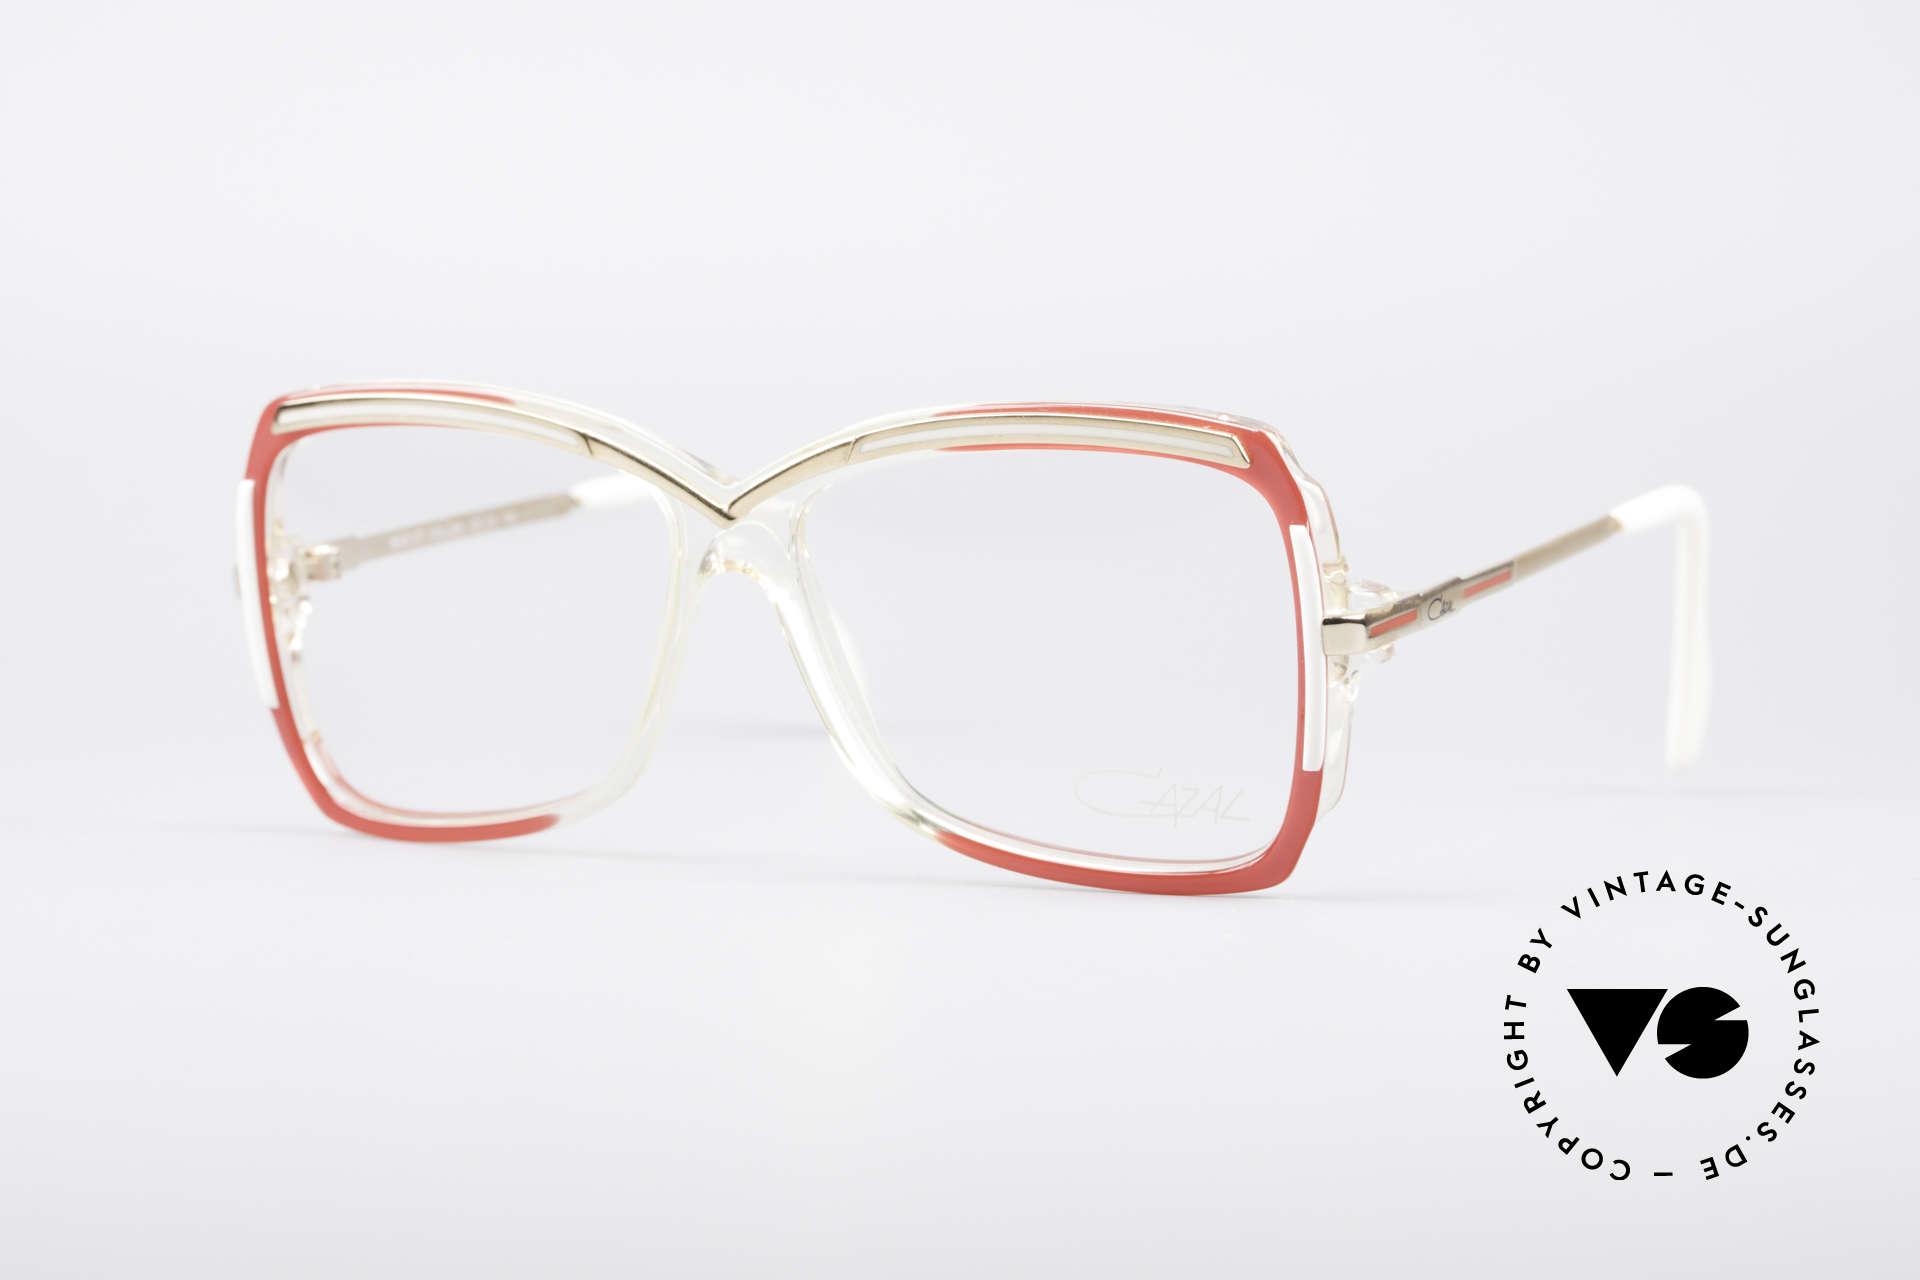 Cazal 177 80er Designerbrille, zauberhafte 80er CAZAL Designer-Brillenfassung, Passend für Damen